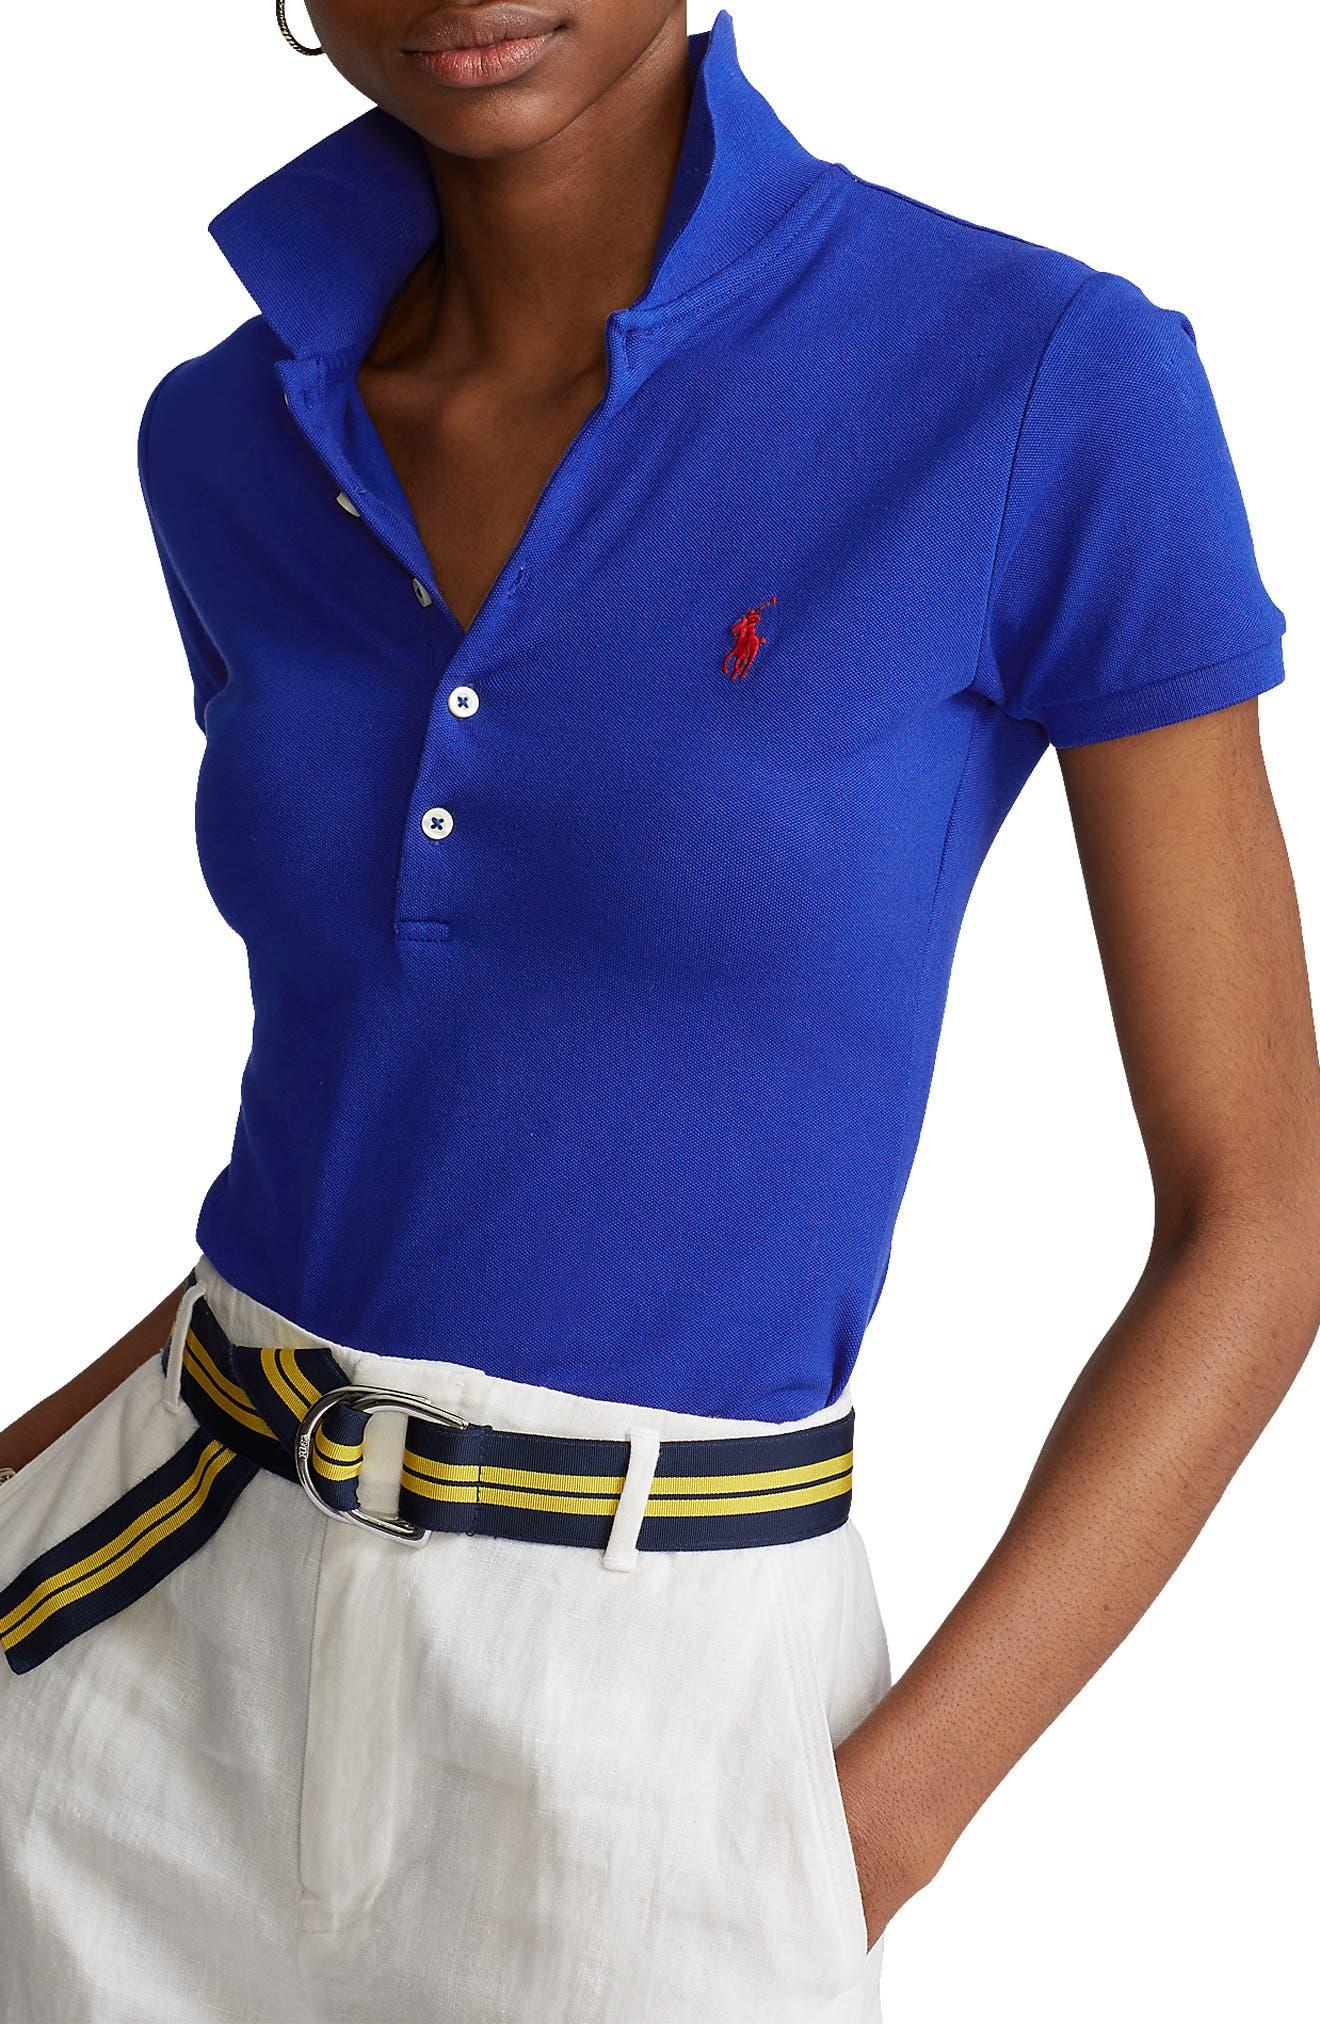 Women's Polo Ralph Lauren Tops   Nordstrom